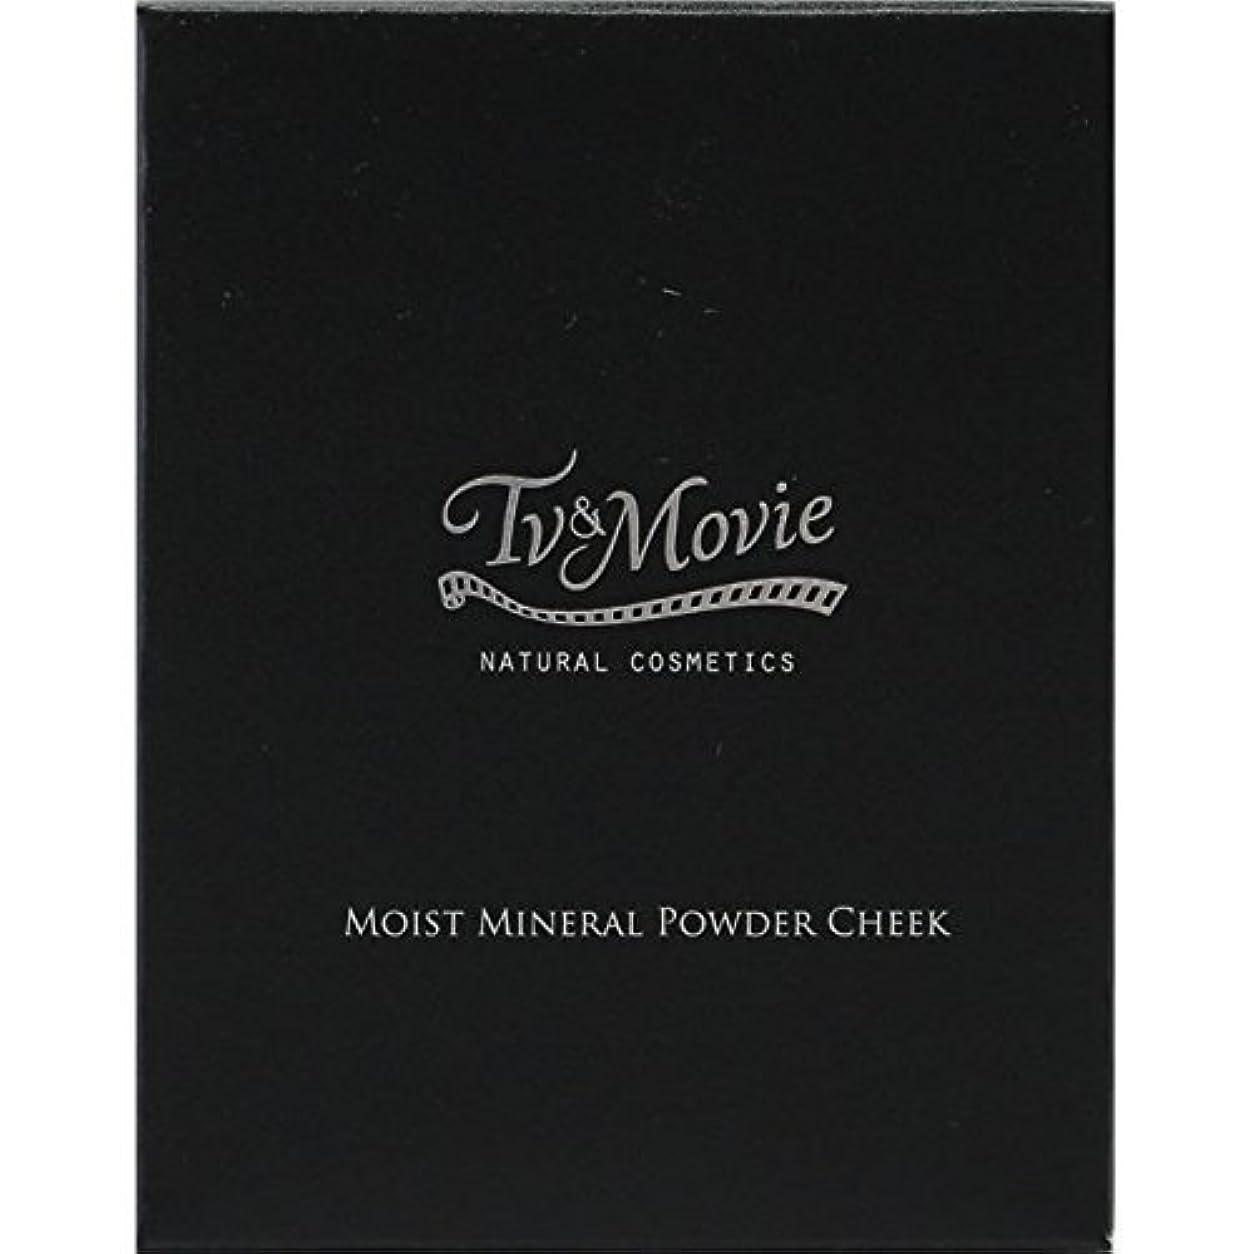 呪い化粧どれでもTv&Movie モイストミネラル パウダーチーク 02 スイートオレンジ 5g